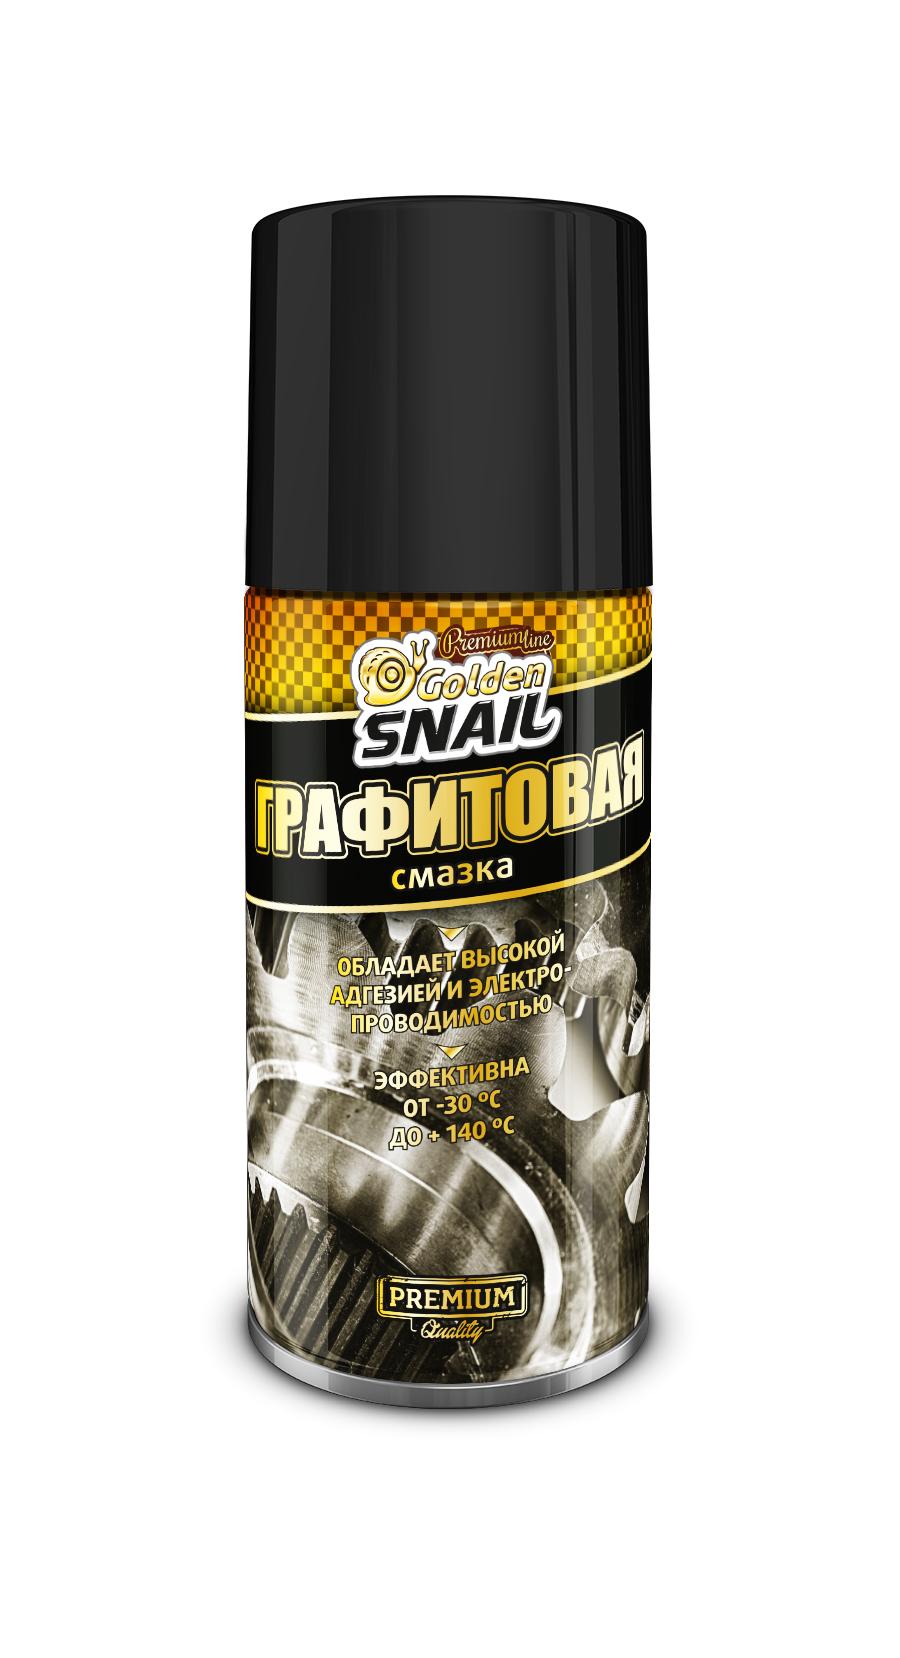 Смазка графитовая Golden Snail GS 5227, 210 мл смазка графитная felix 800гр